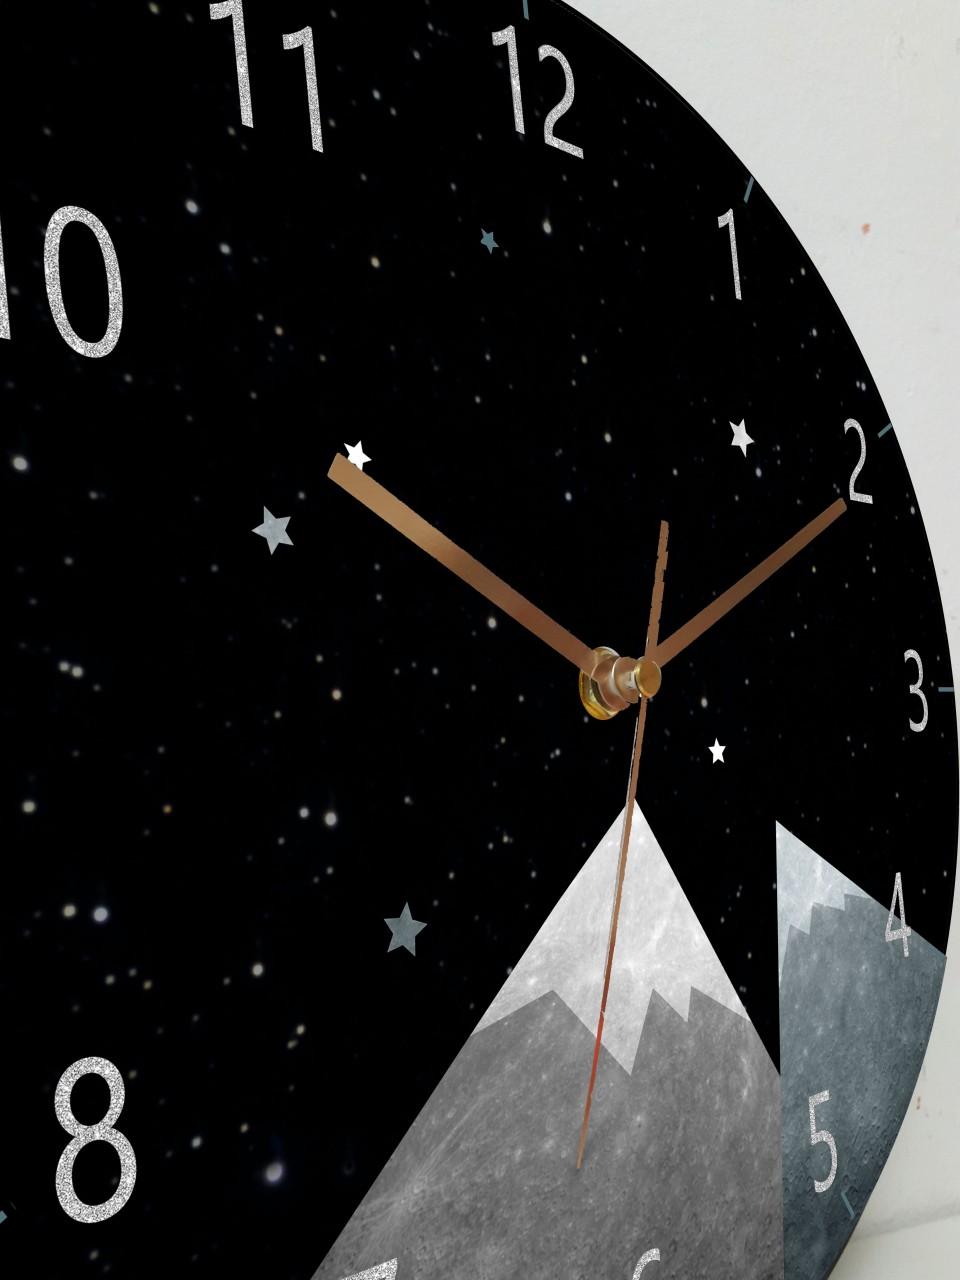 שעון קיר לחדר ילדים/שעון קיר מעולצב/עיצוב לחדר ילדים/שחור לבן/עיצוב מנימליסטי